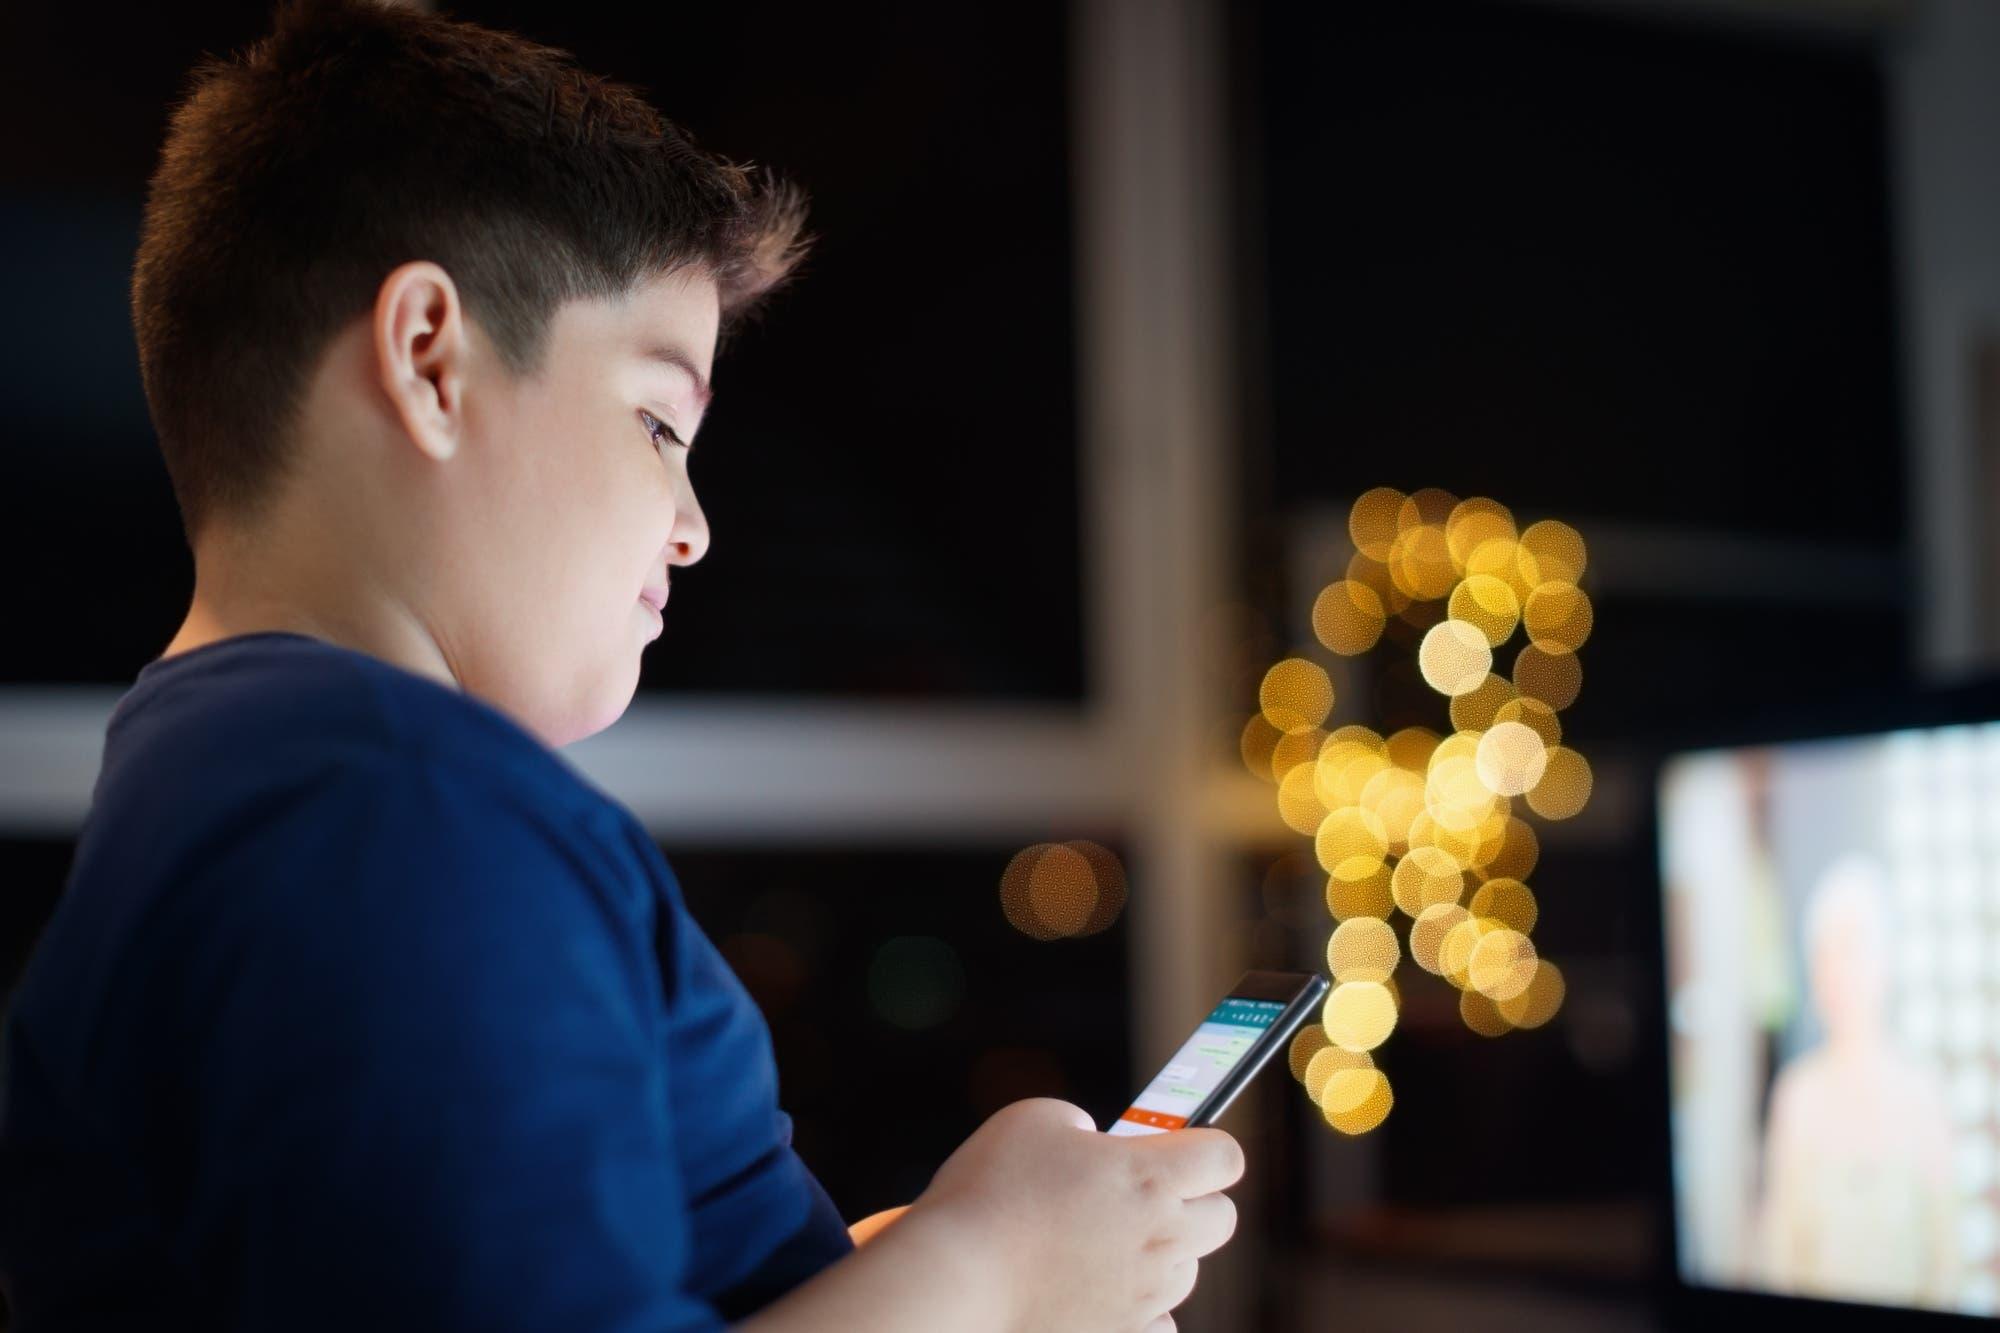 El 60% de los chicos de entre 10 y 12 años ya participan de las redes sociales